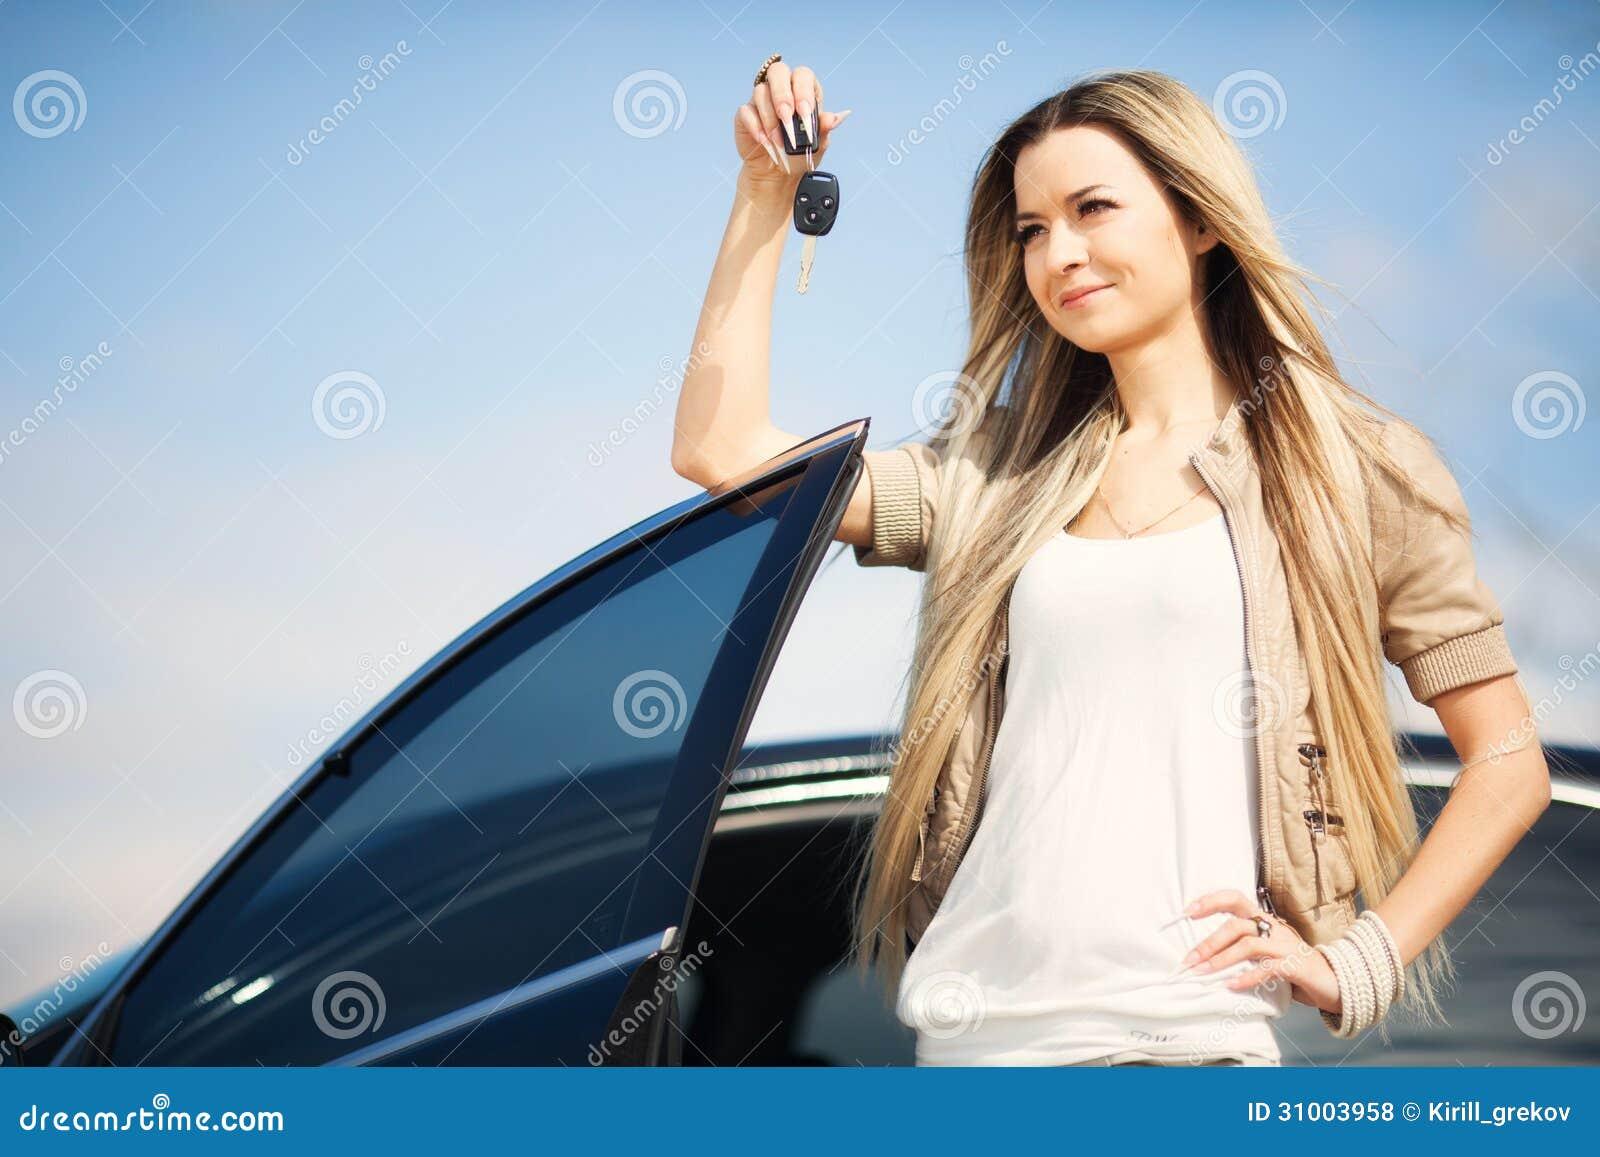 buy a car clip art